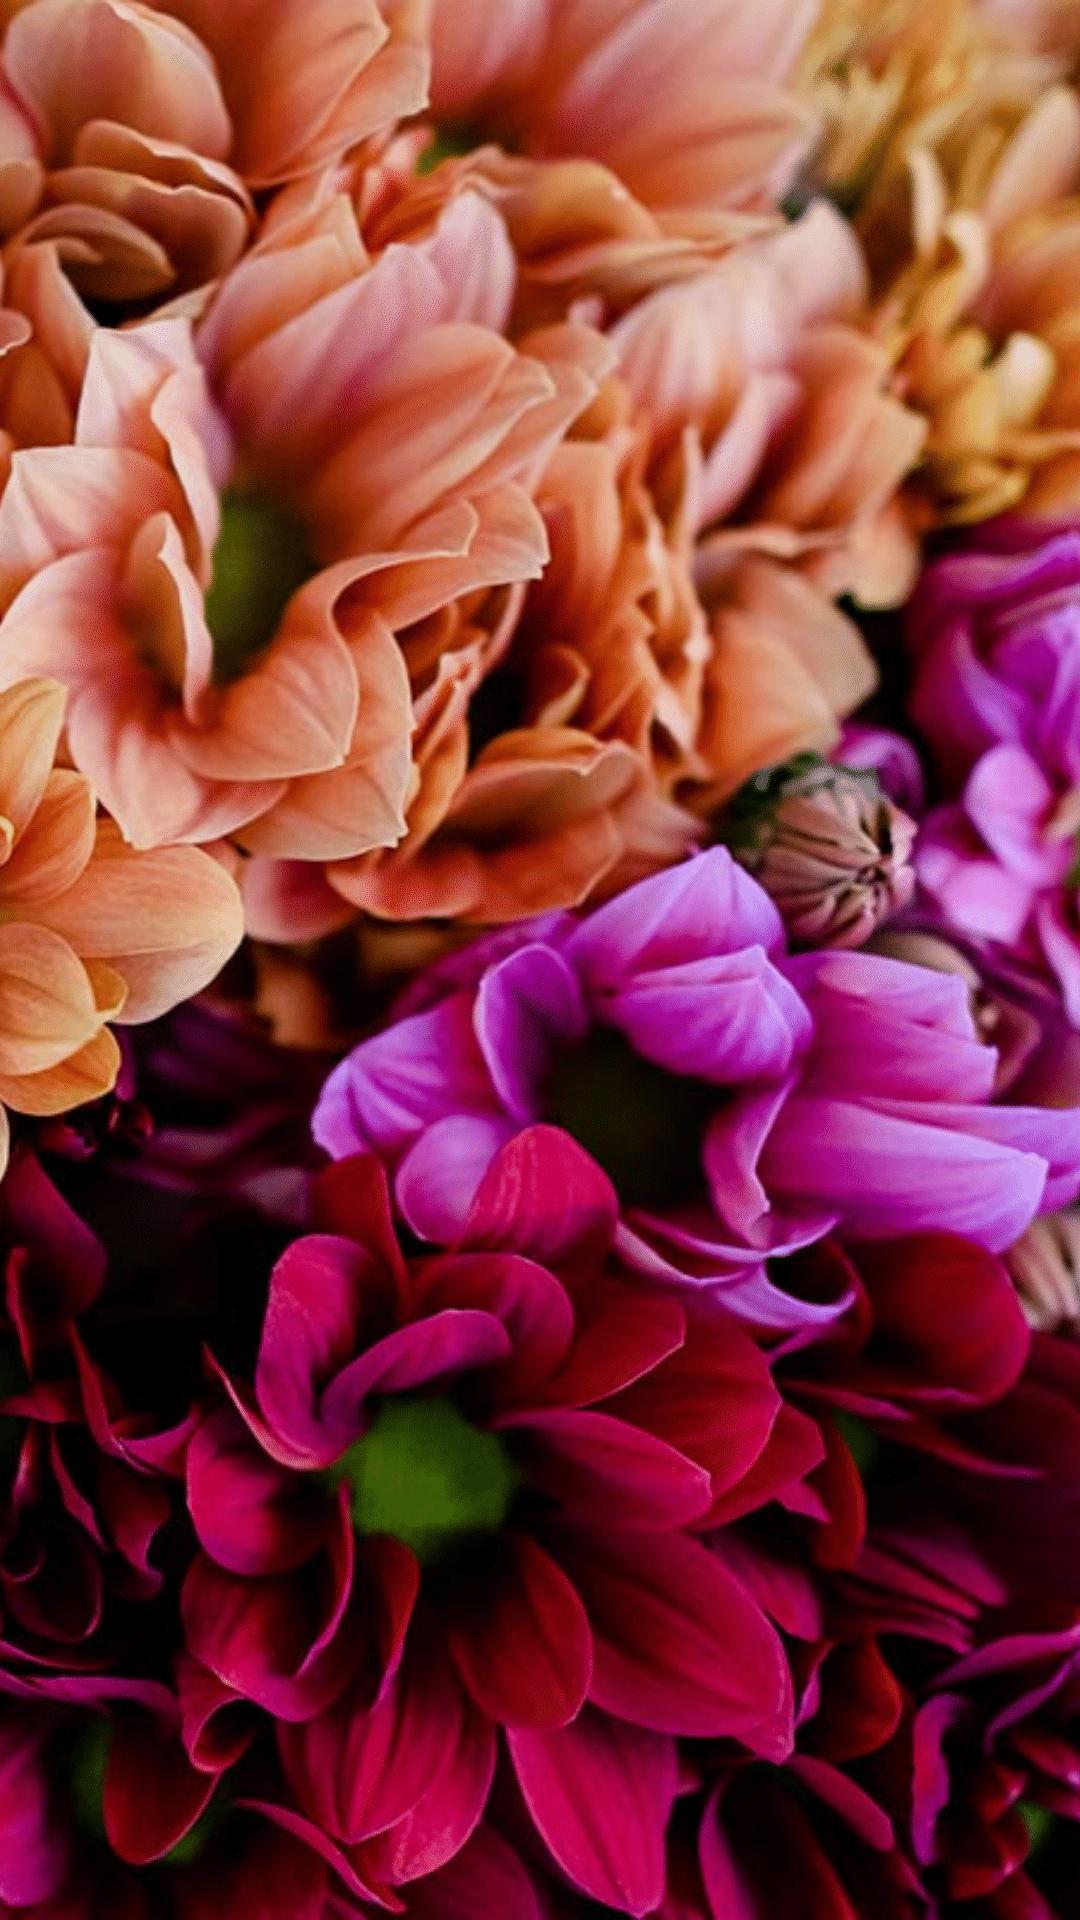 chrysant salm paars en rood